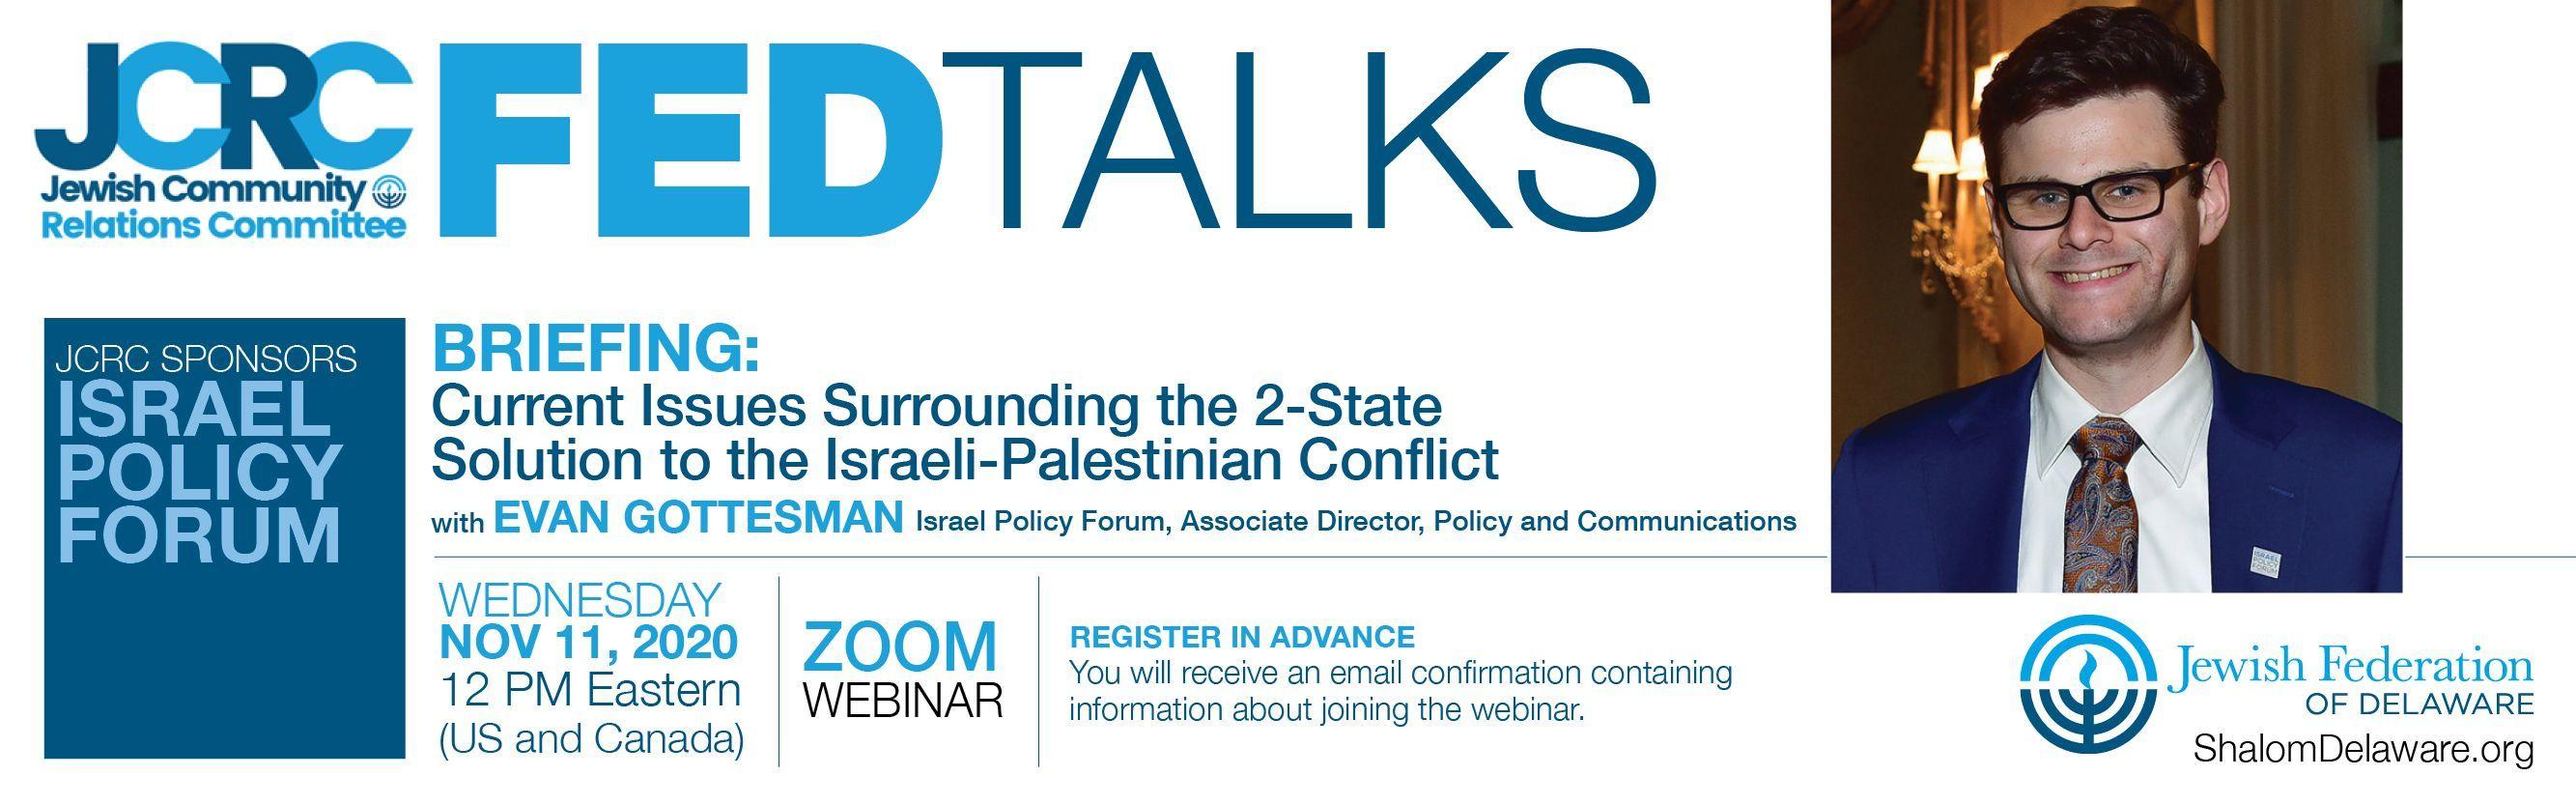 JCRC FED Talk: Israel Policy Forum